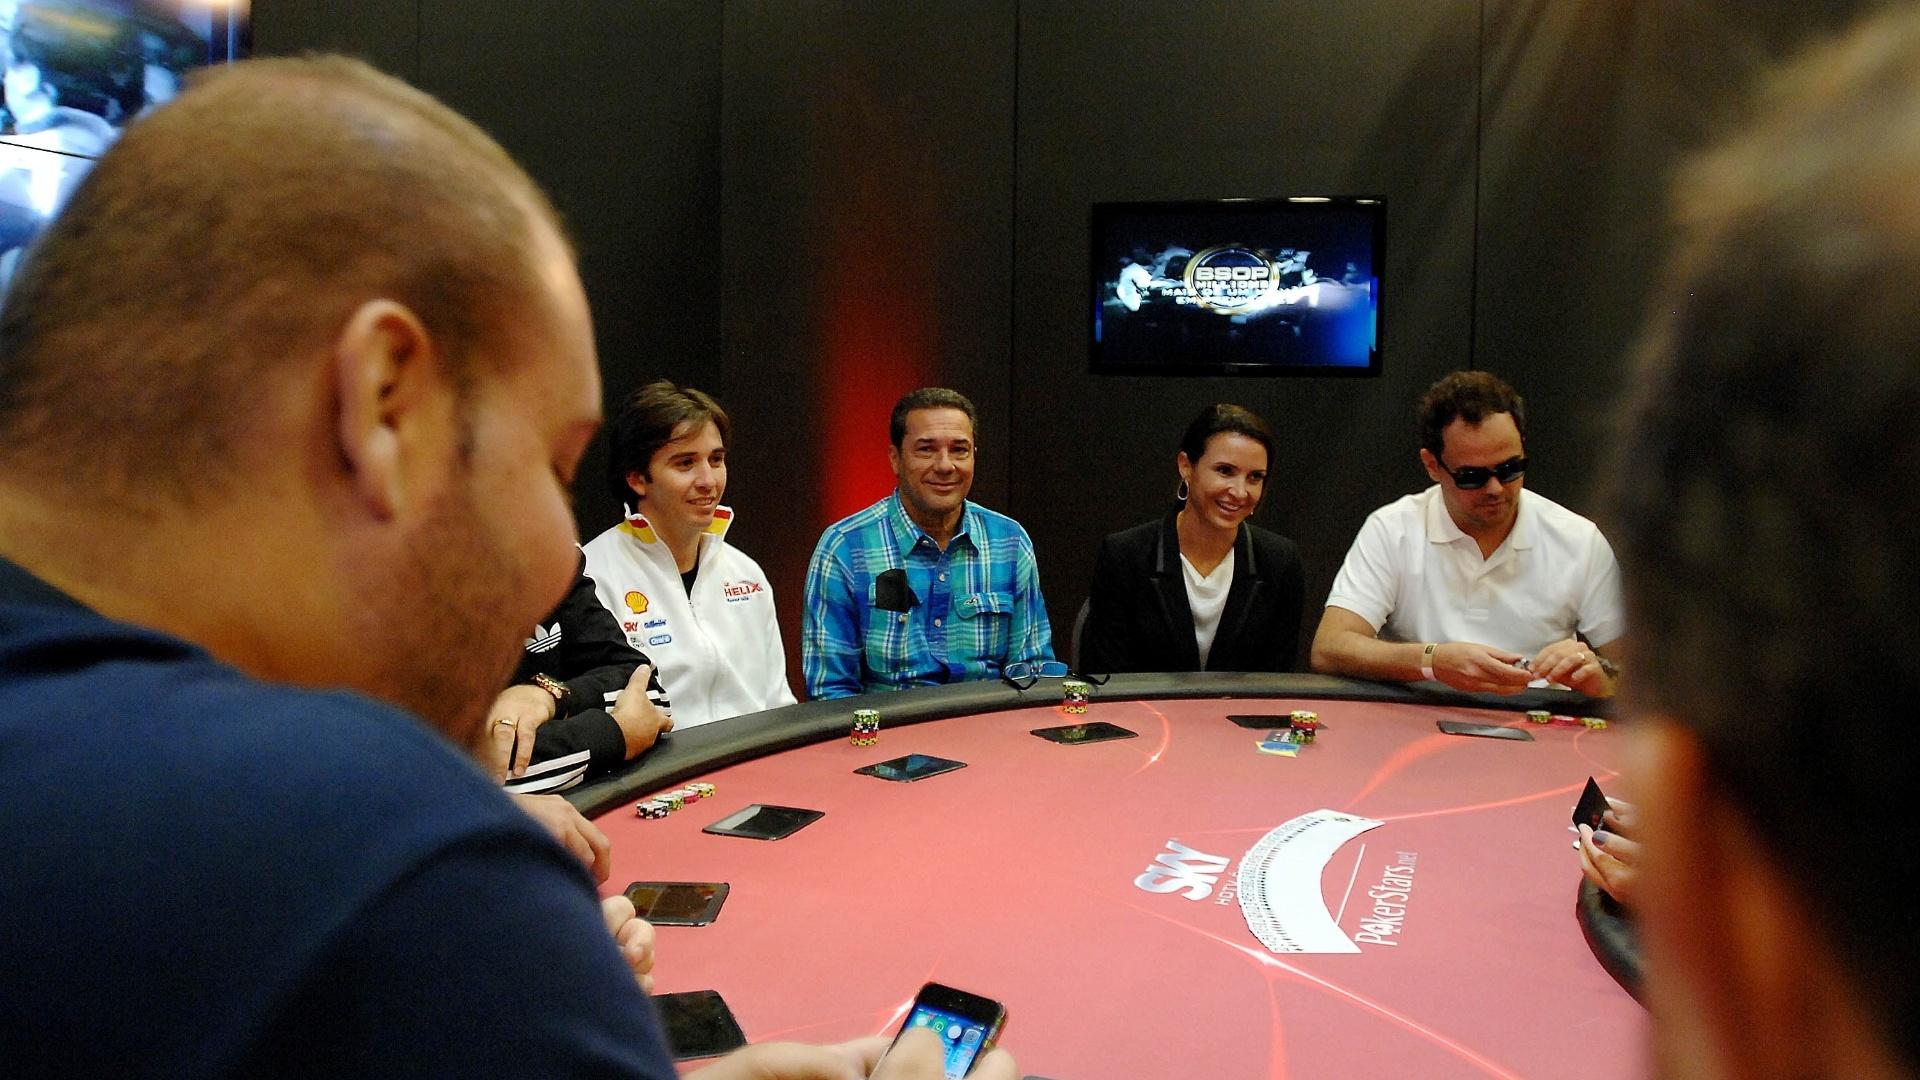 Para marcar a abertura do BSOP Millions, campeonato de pôquer em São Paulo, foi realizada uma mesa de celebridades. Quem venceu foi o executivo da área de hotelaria Francisco Garcia, da rede IHG, que recebeu, como prêmio, uma viagem para uma das etapas do circuito Latino Americano